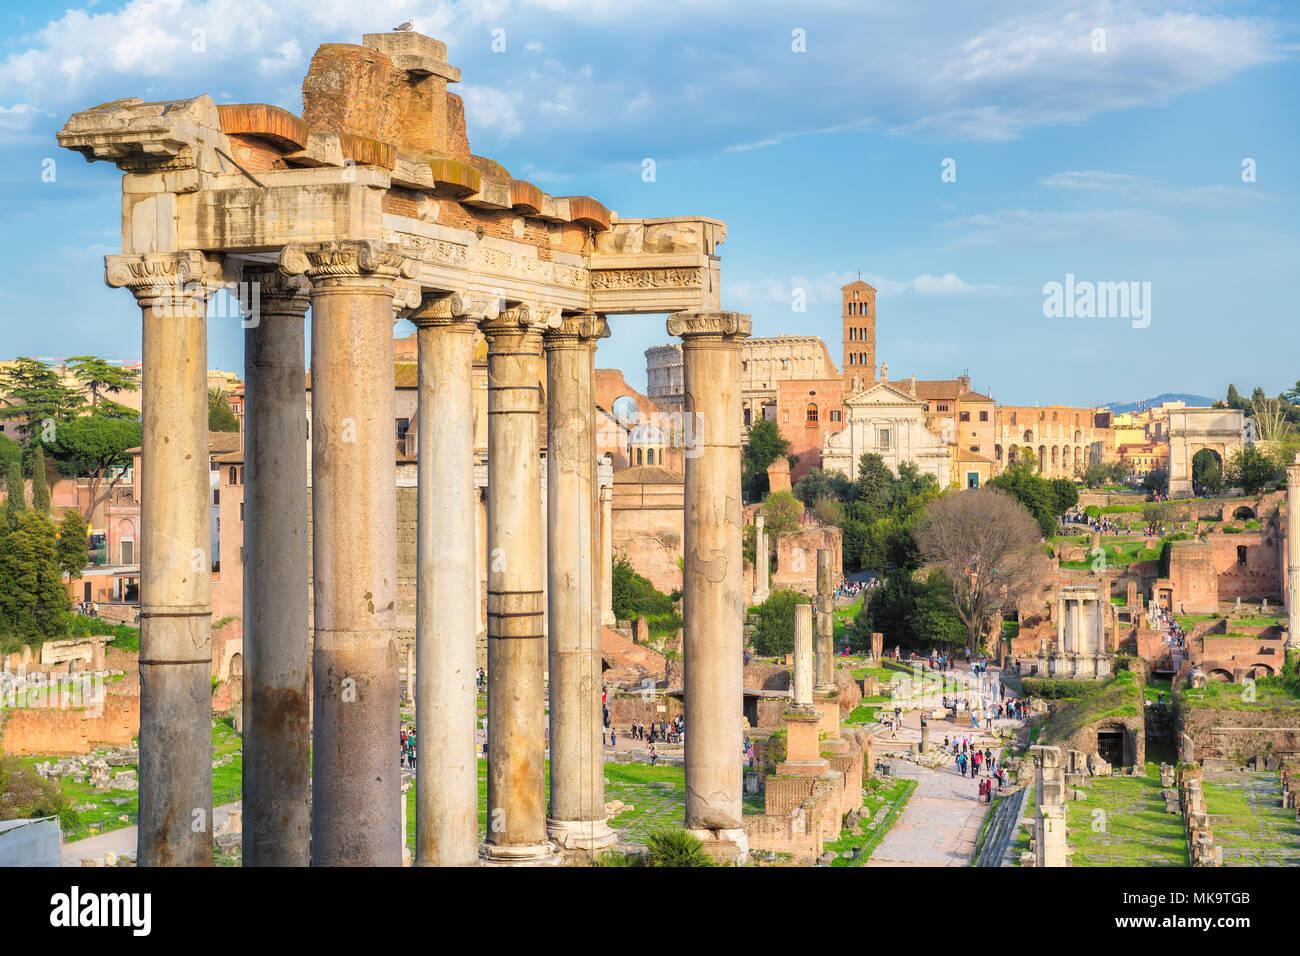 Forum romain au coucher du soleil à Rome, Italie Photo Stock